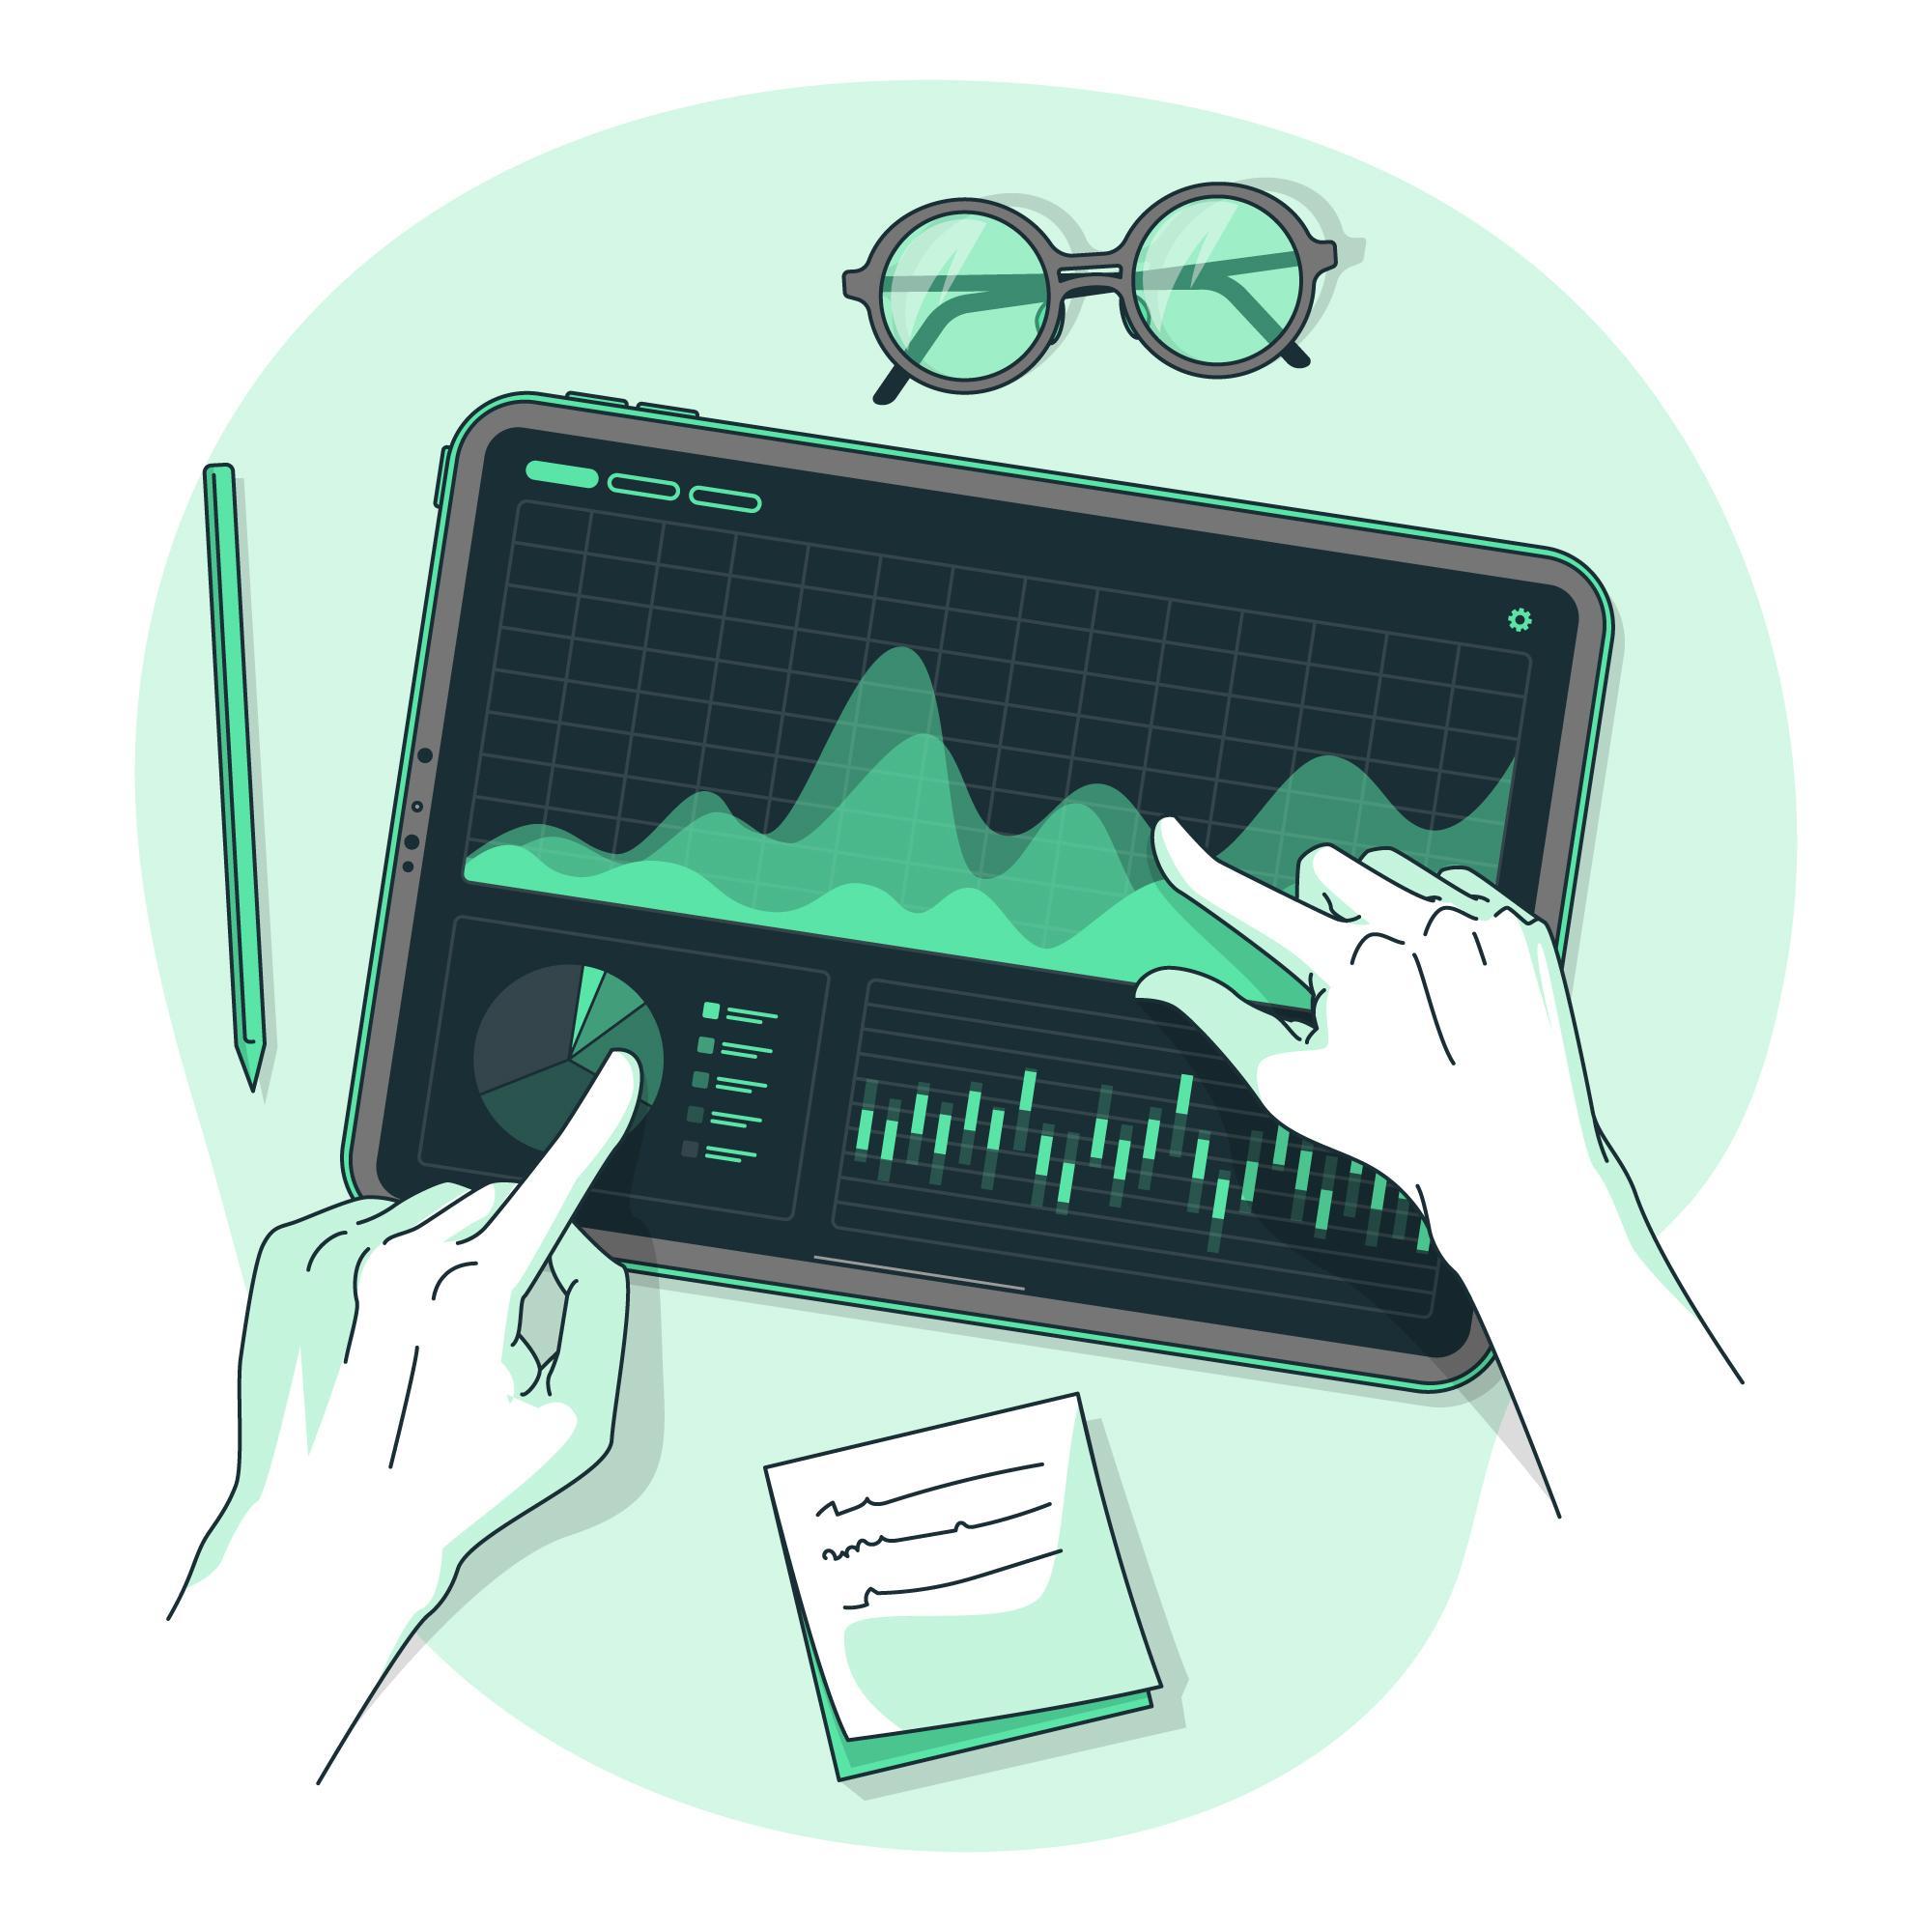 3 ประโยชน์จาก Google Analytics ช่วยให้คุณเจาะลึกถึงผู้บริโภคมากยิ่งขึ้น